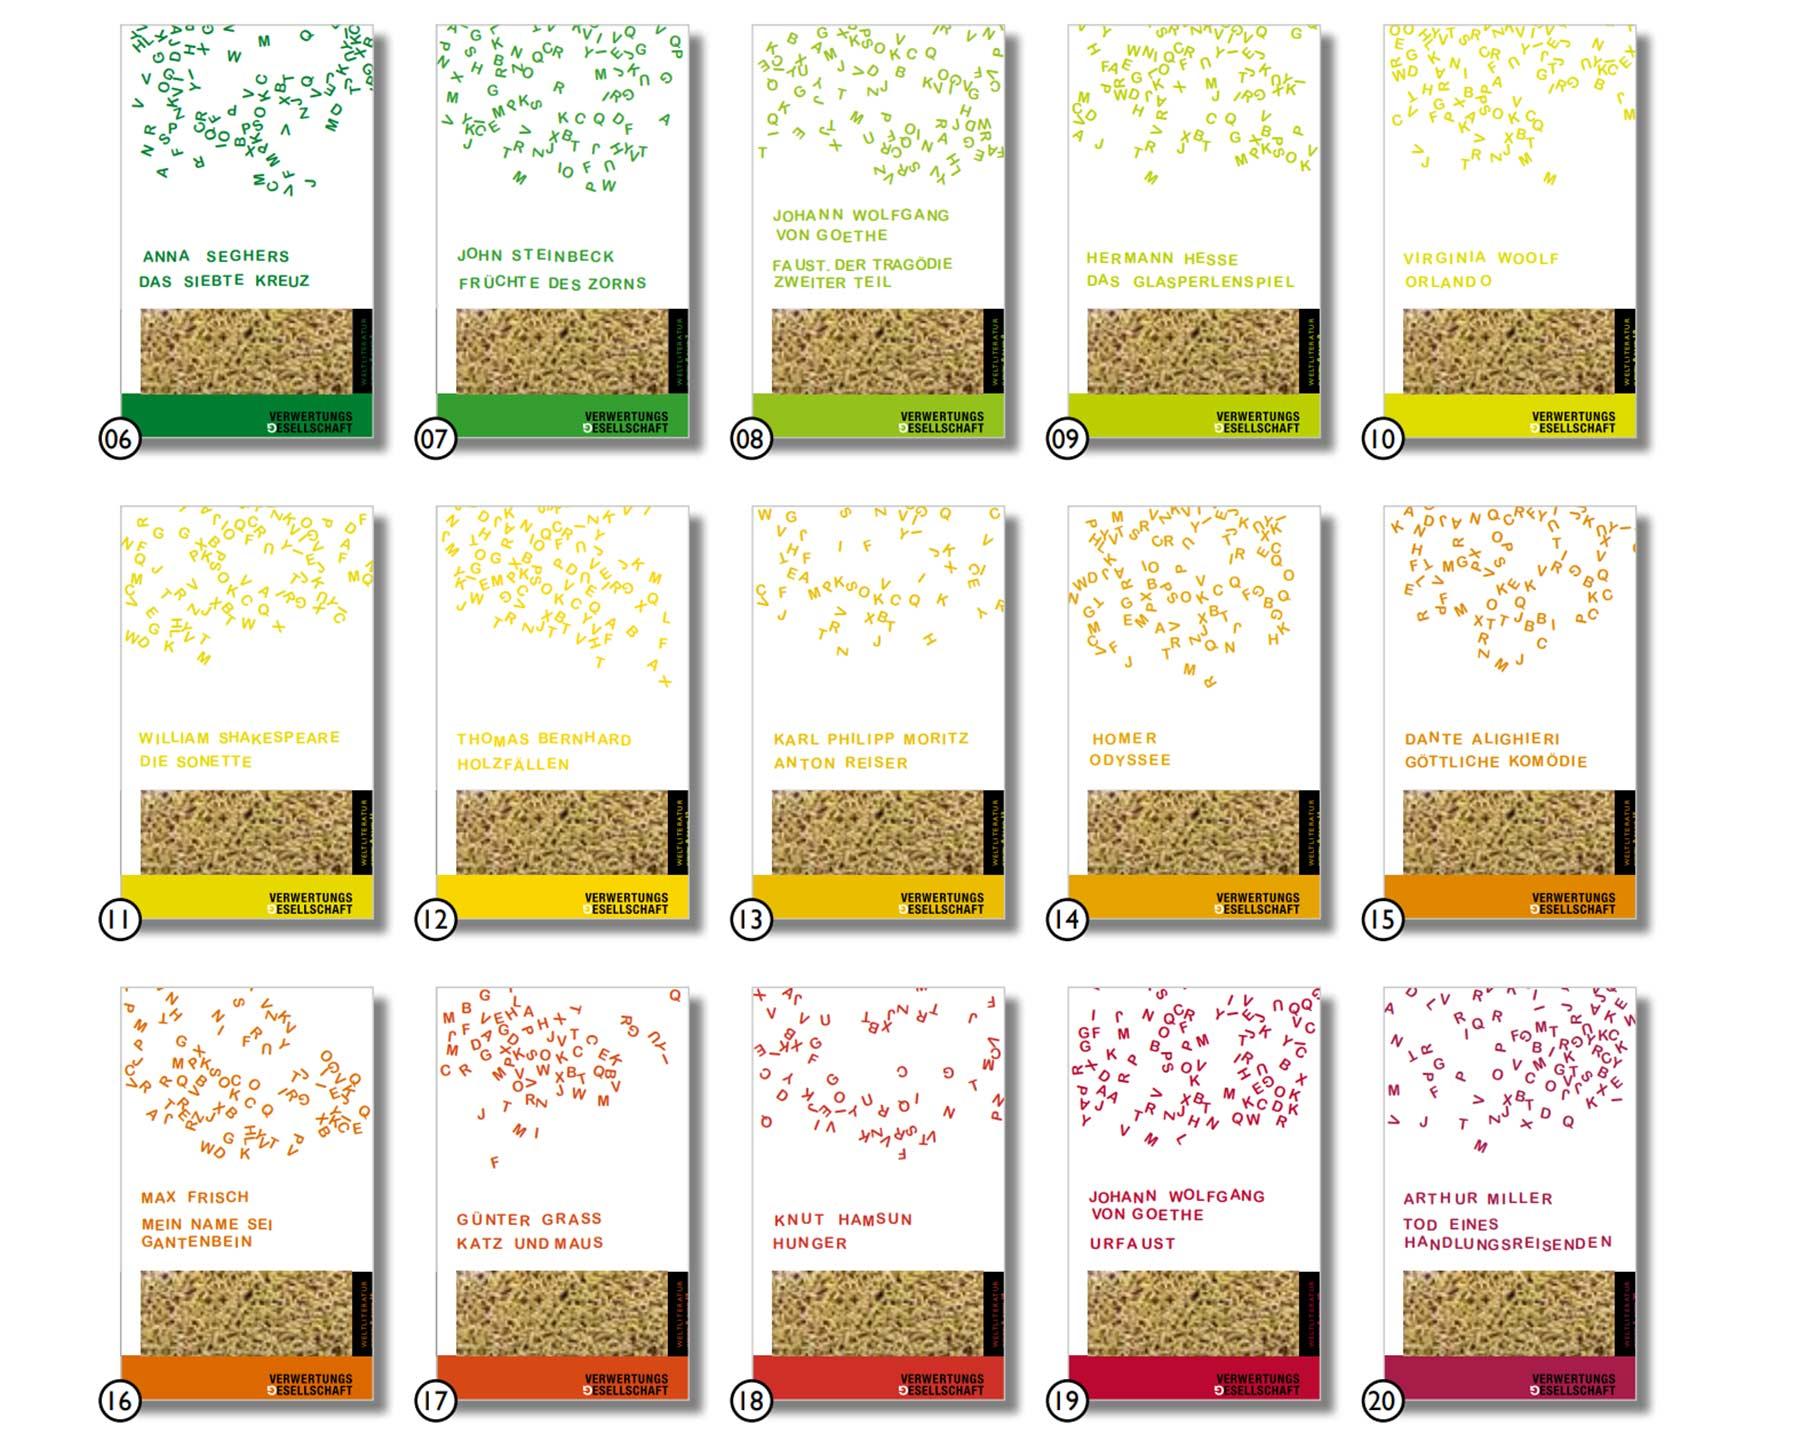 Weltliteratur in Buchstabennudeln Edition-der-Weltliteratur-in-Buchstabennudeln_04